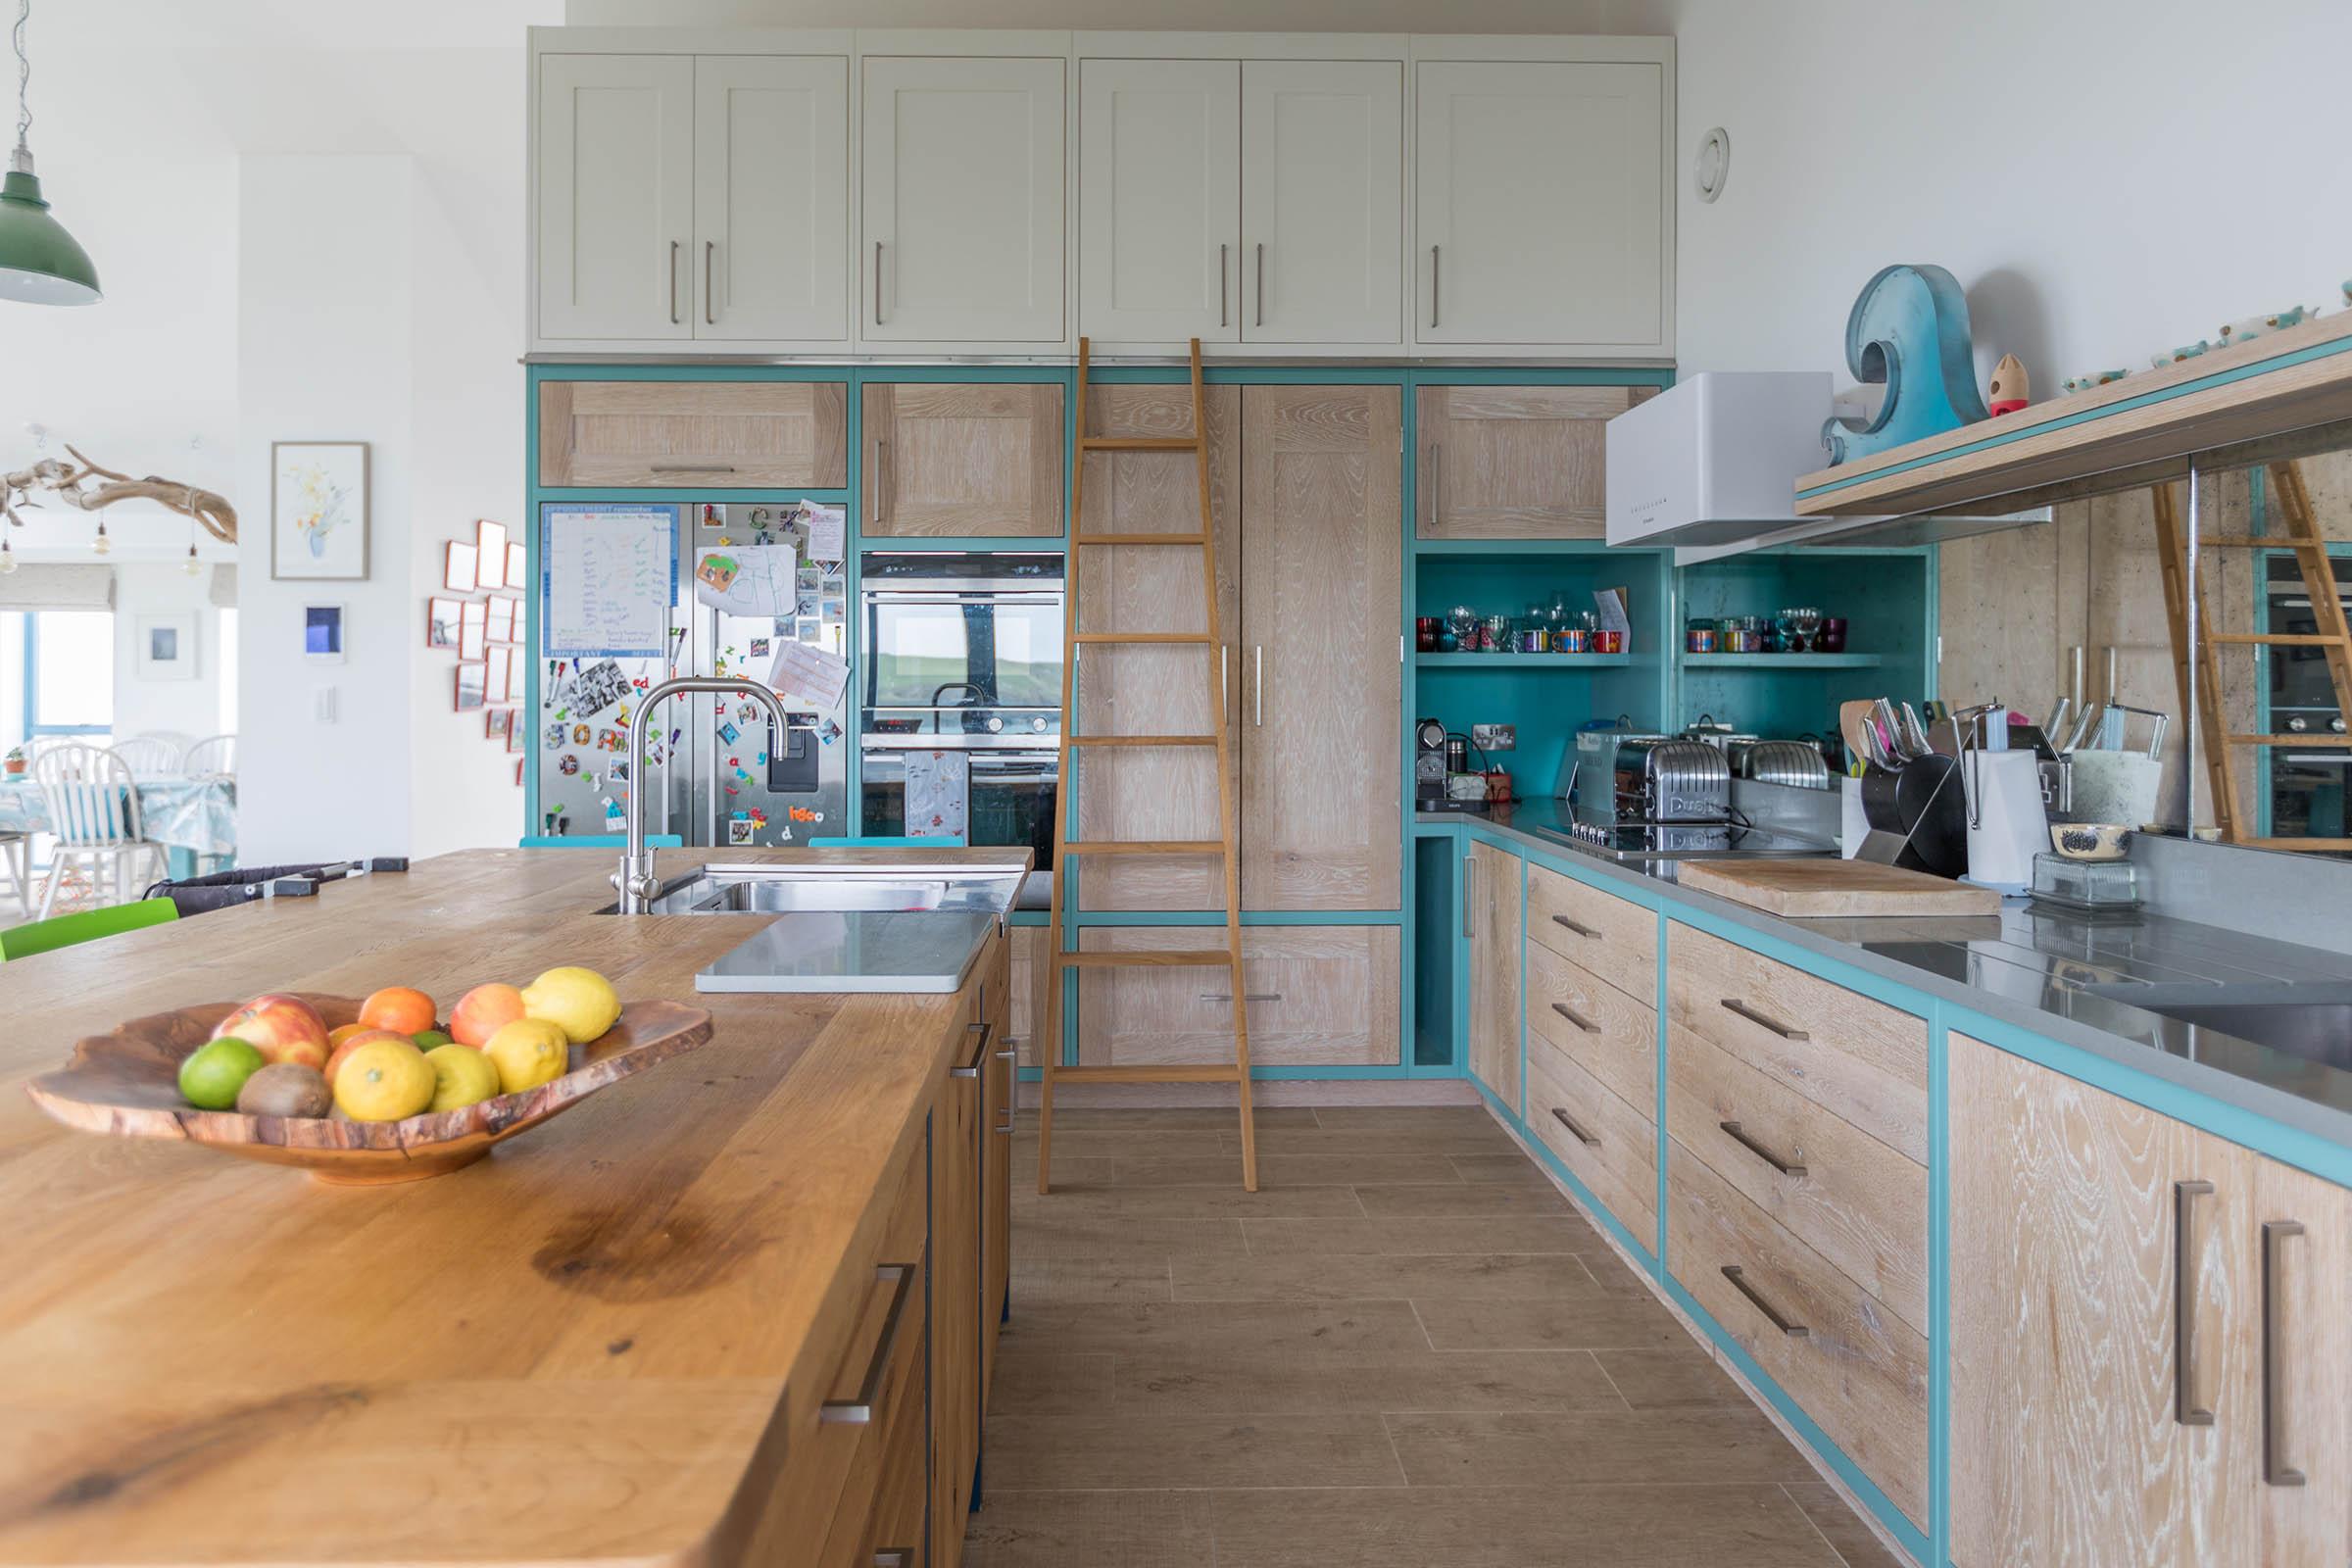 obolenski-kitchen.jpg